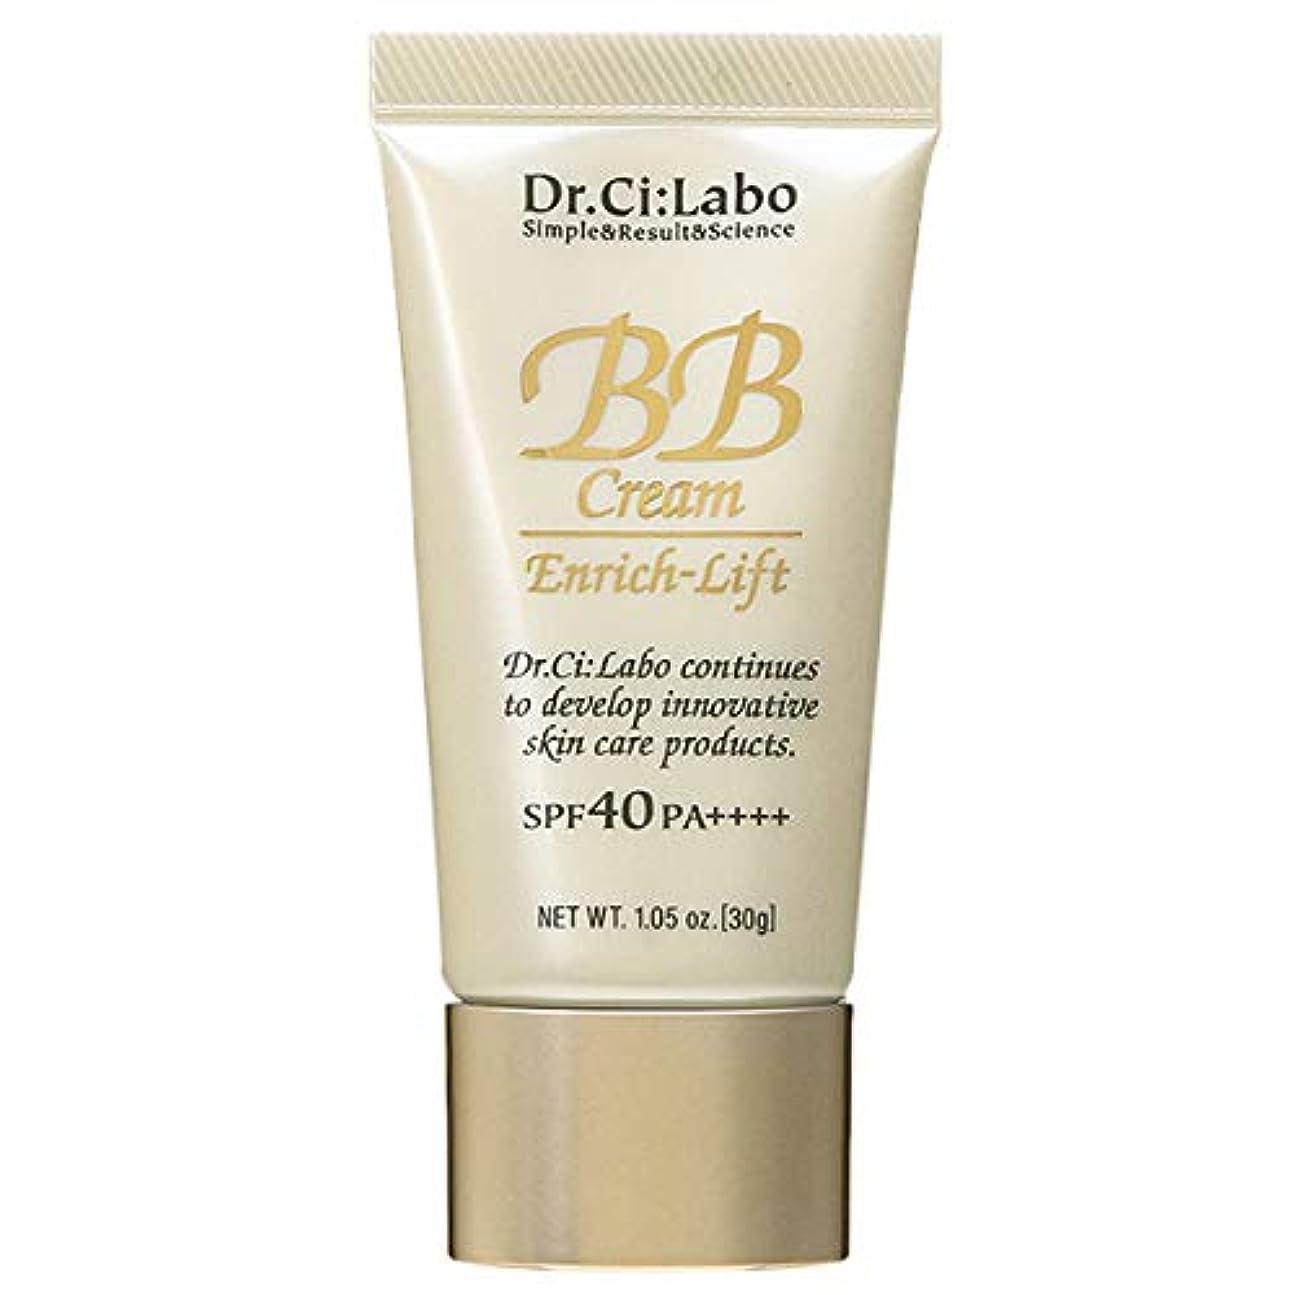 パンツ指令ボウリングドクターシーラボ Dr.Ci:Labo BBクリーム エンリッチリフトLN18 SPF40 PA++++ 30g